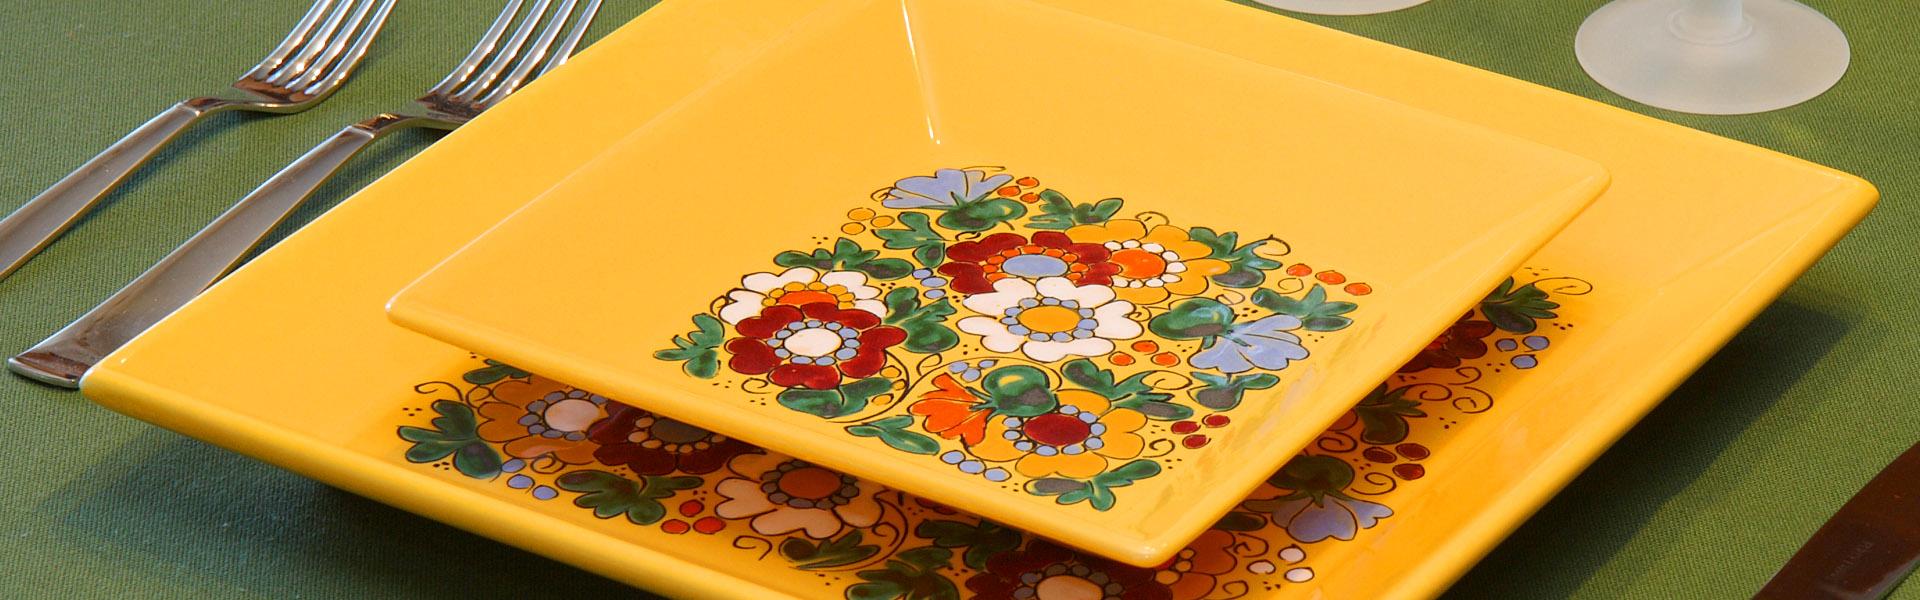 platos cuad1 ceramica bariloche